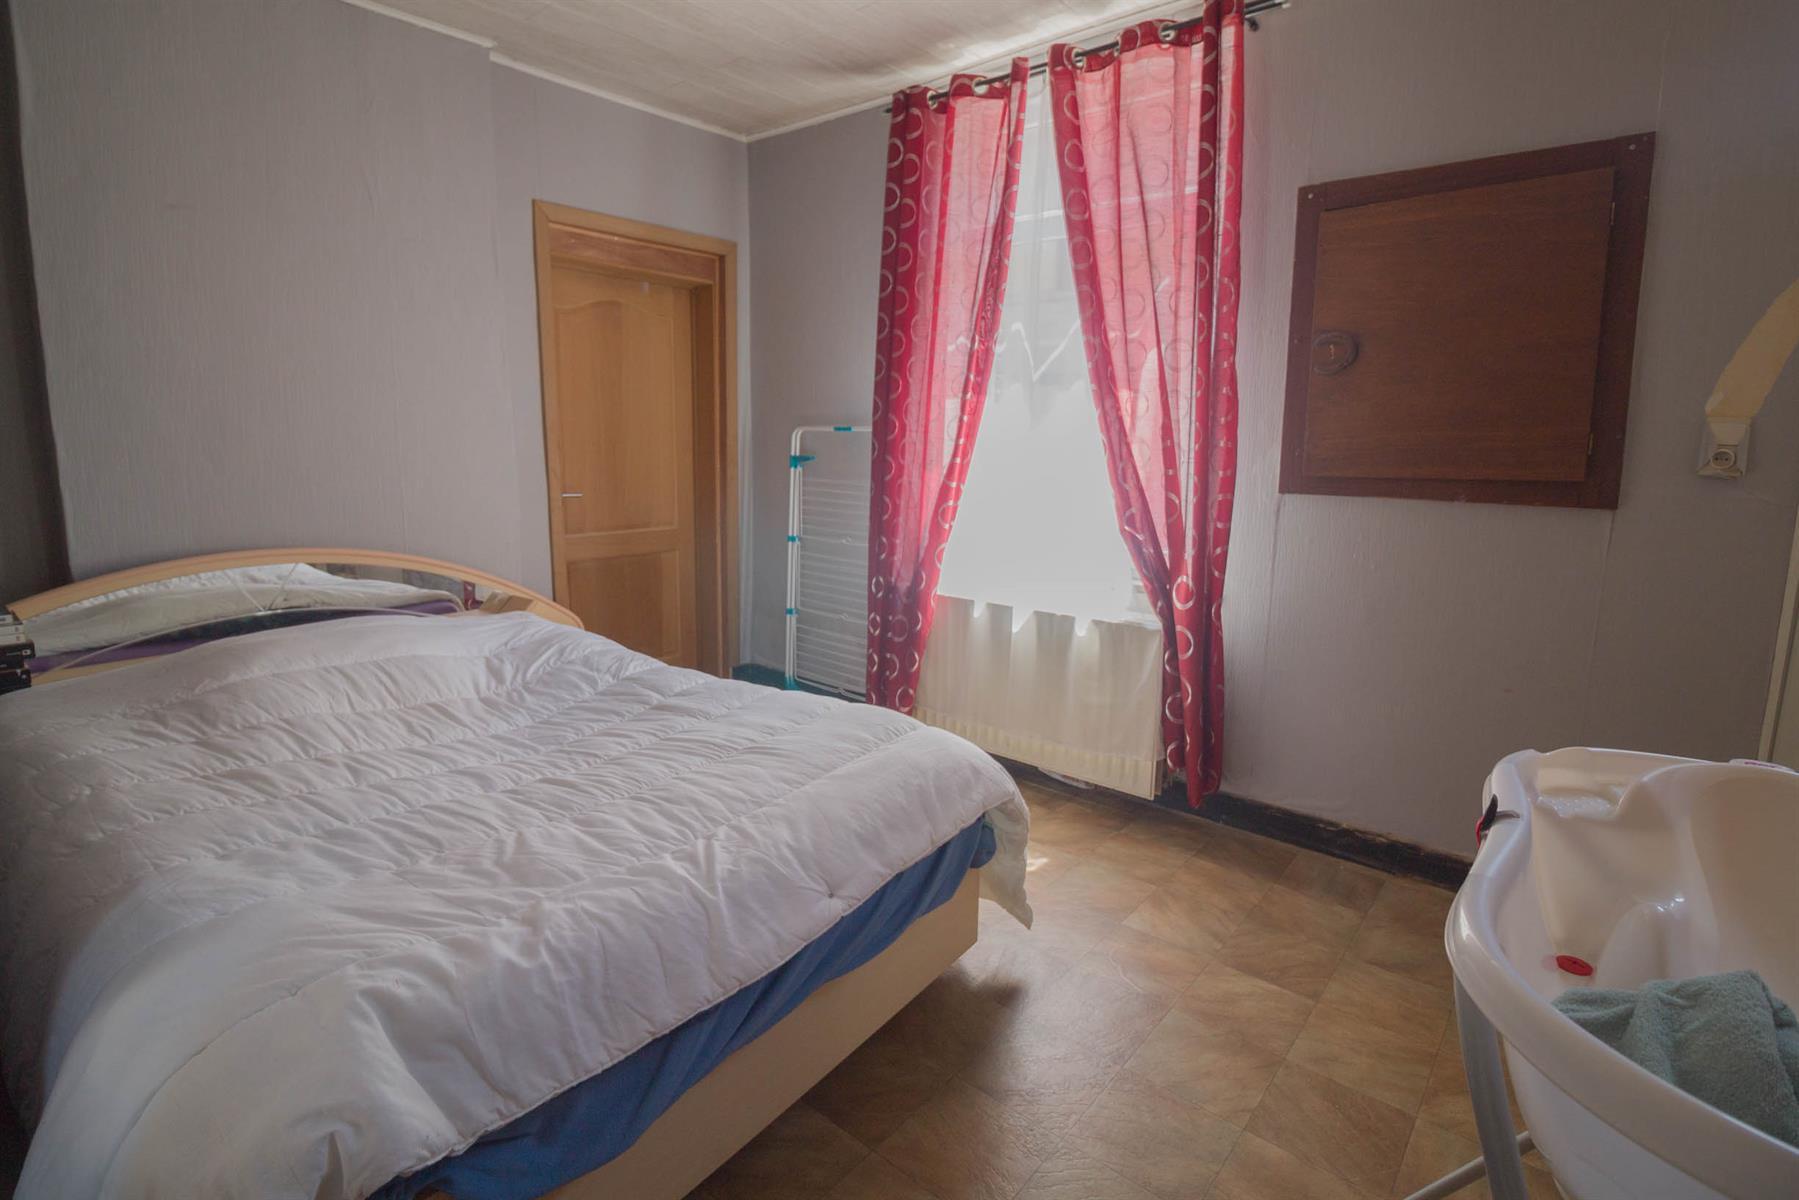 Maison - Monceau-sur-Sambre - #4536955-9